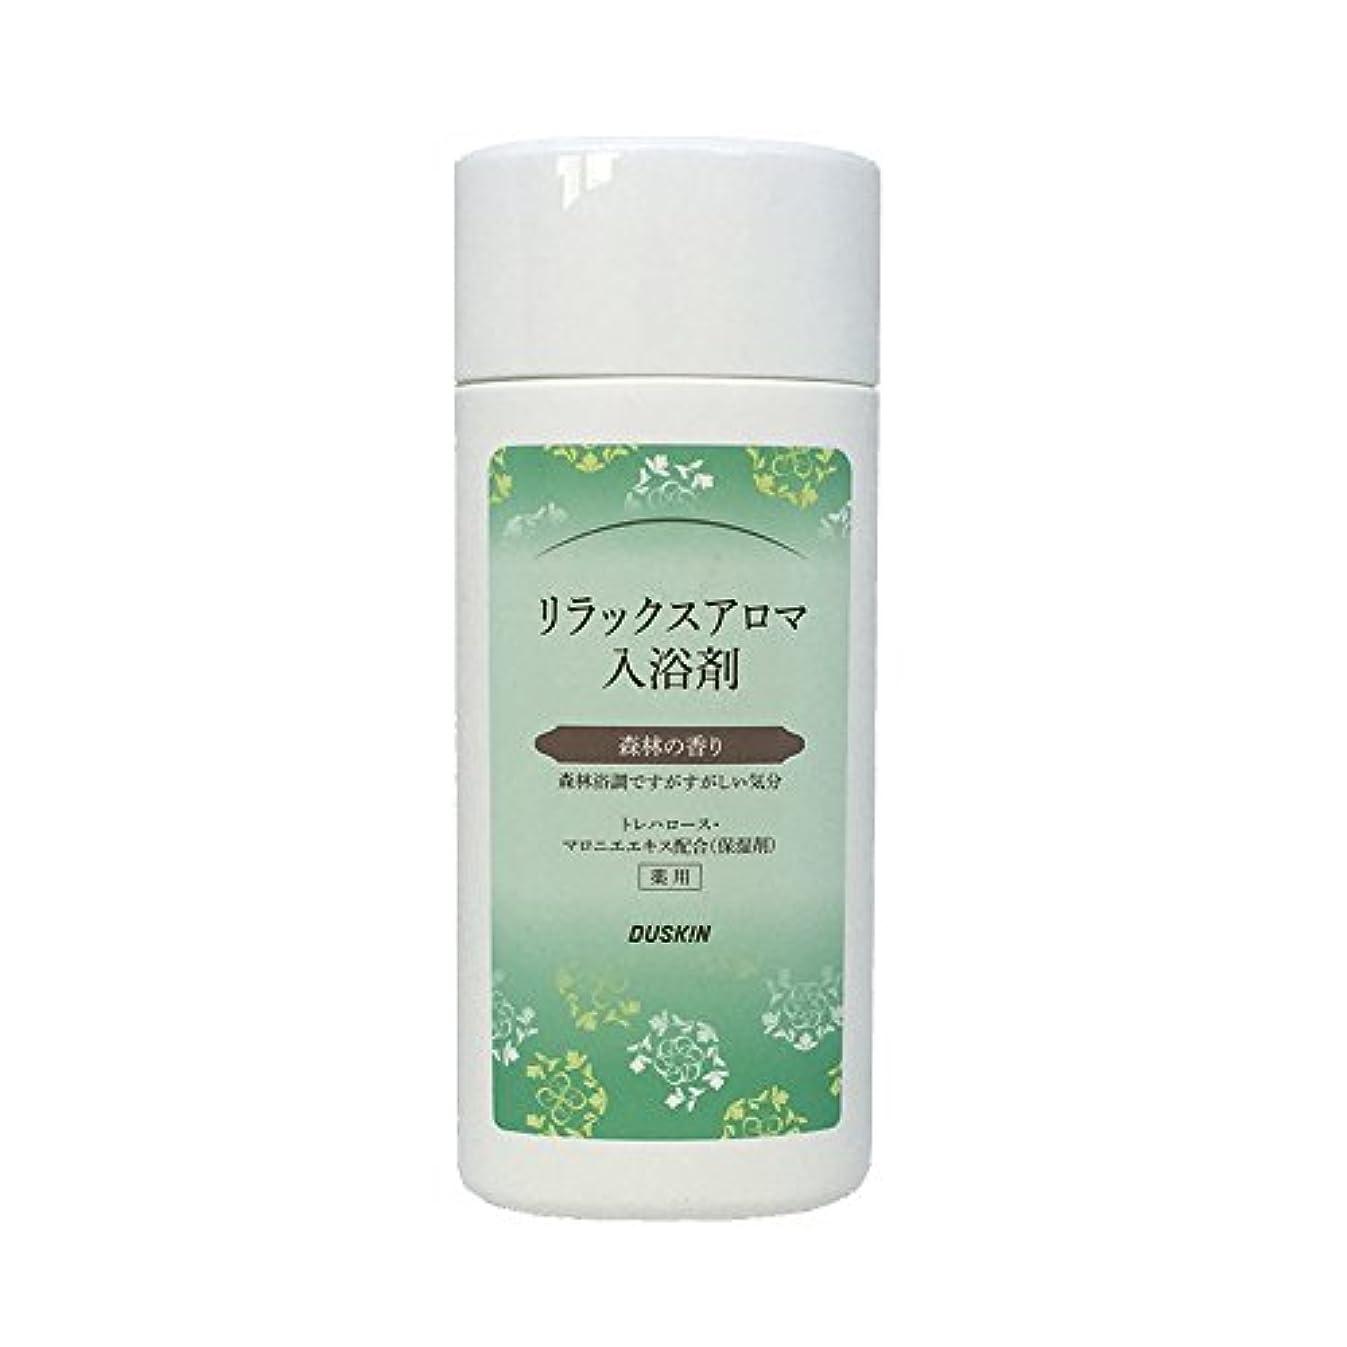 エイリアンバルーン湿ったダスキン リラックスアロマ入浴剤 森林の香り 濁り湯タイプ300g